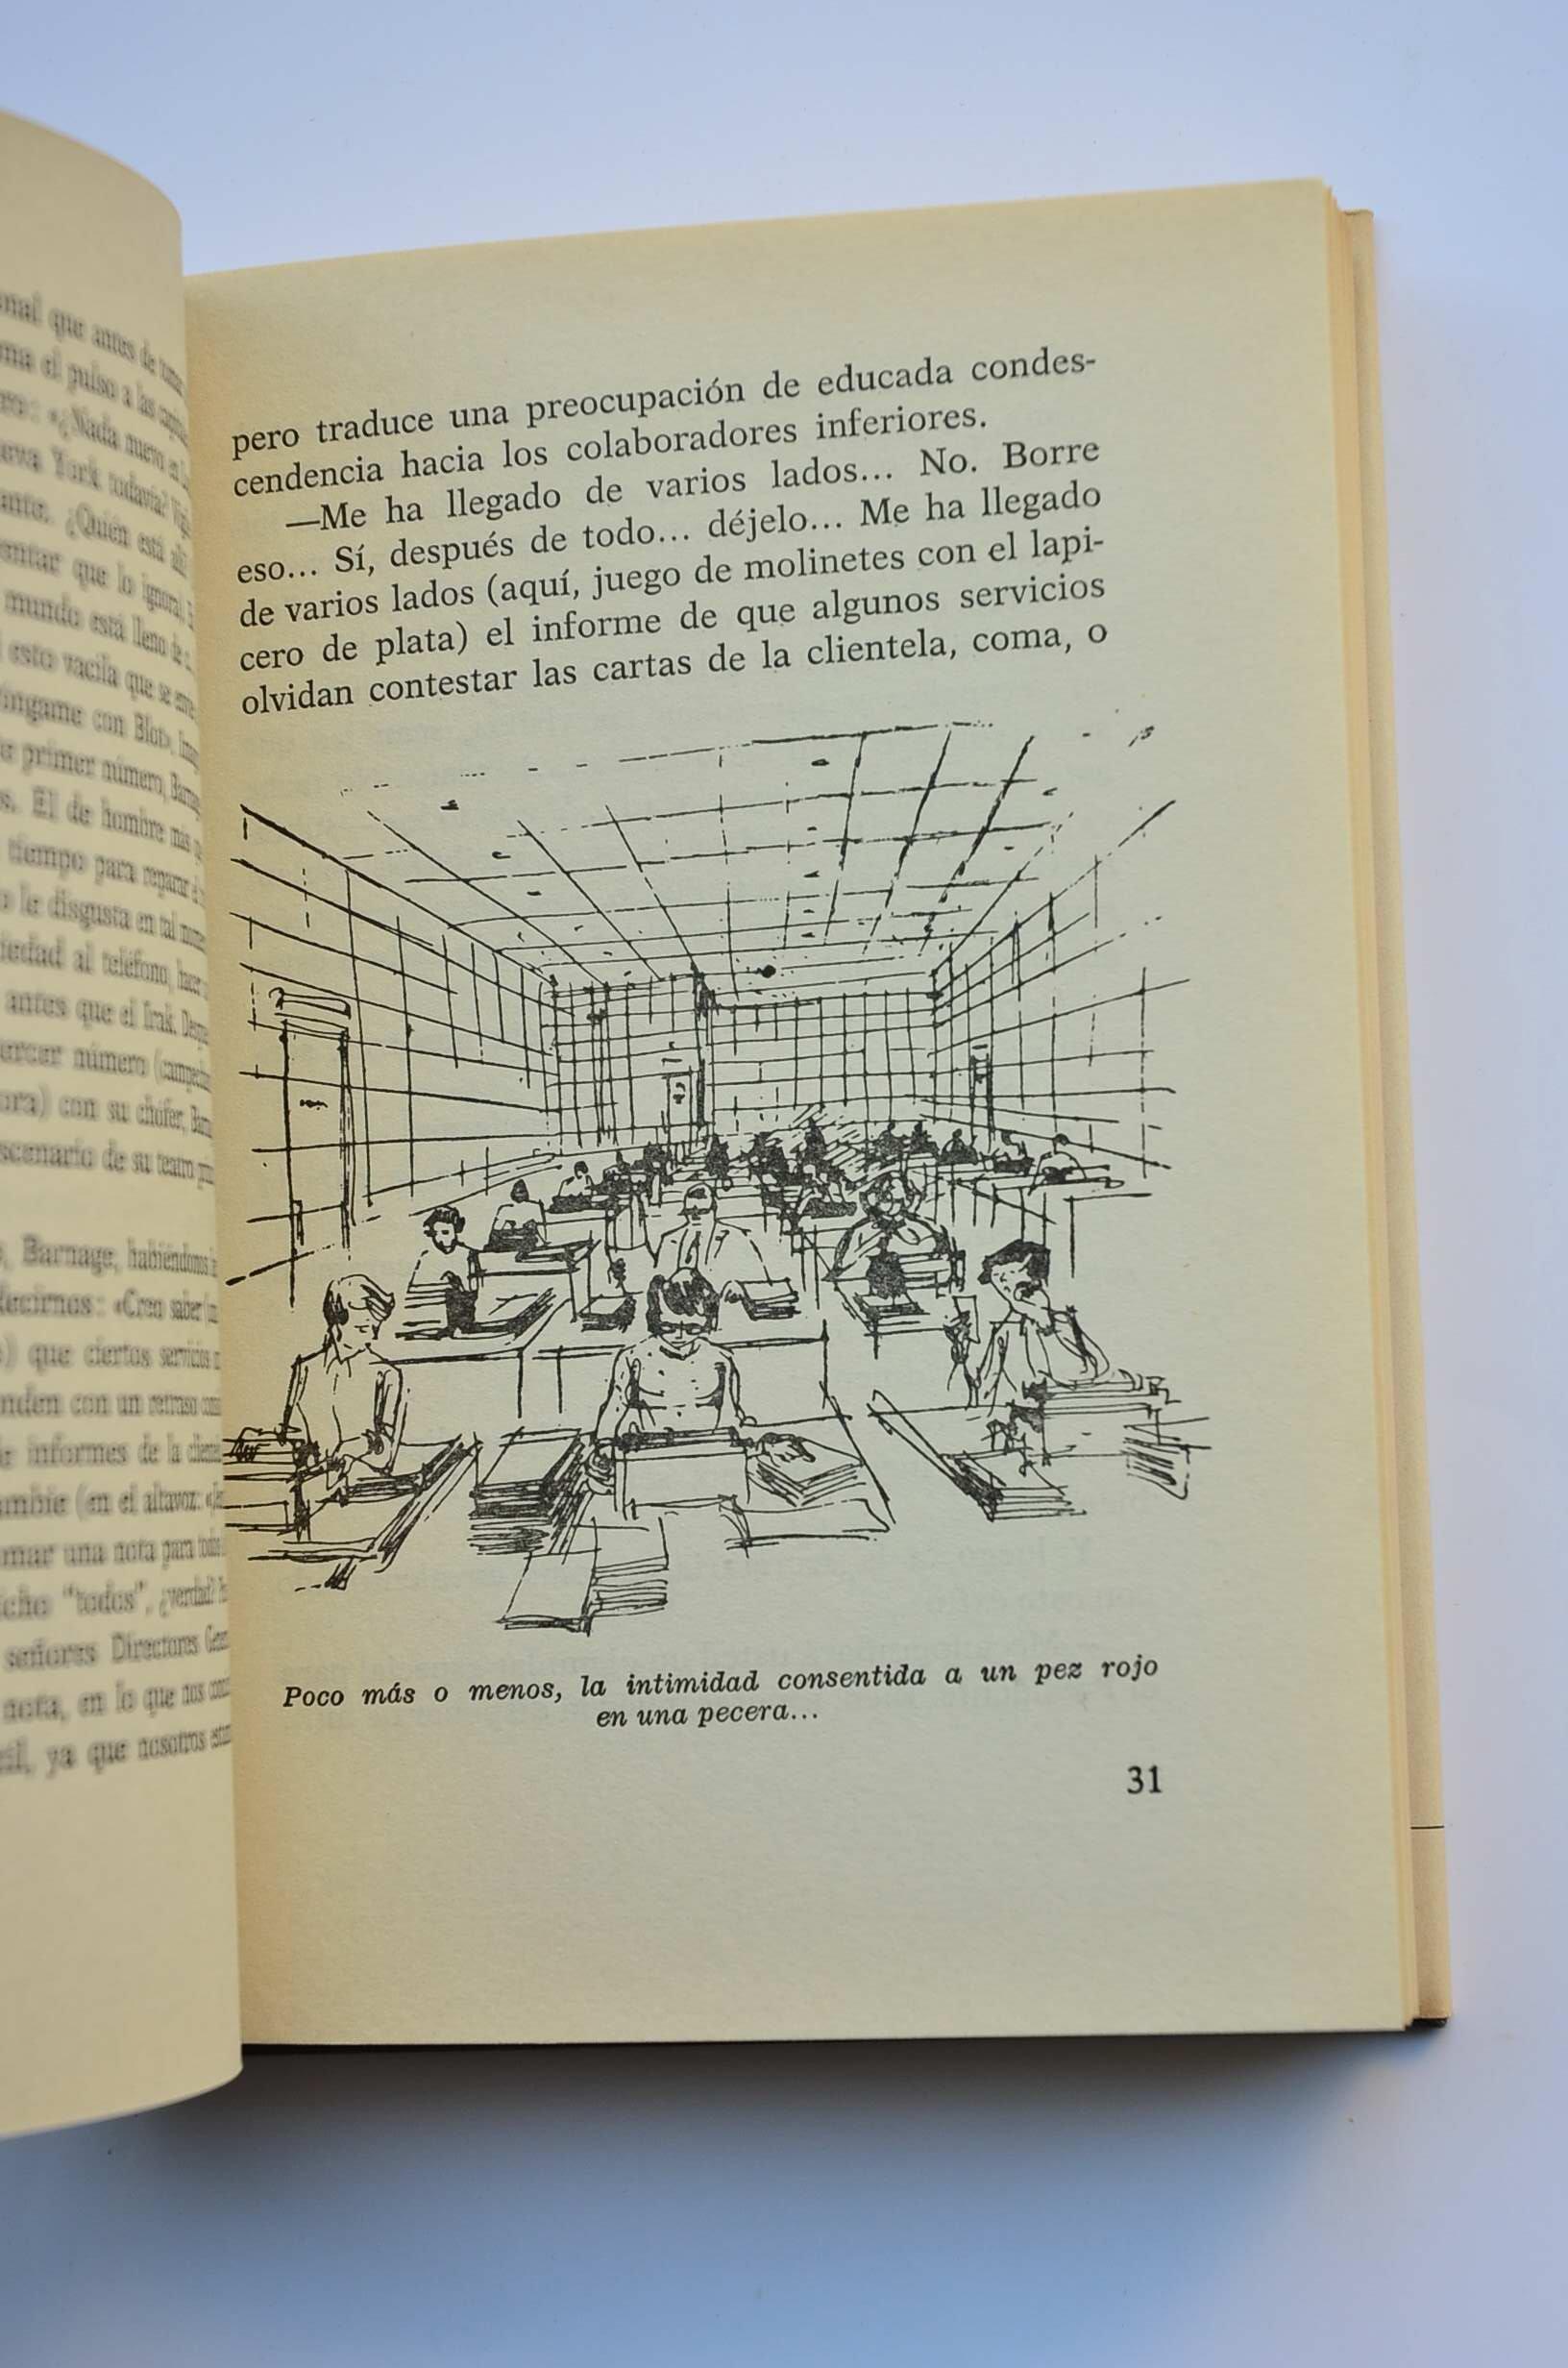 Un tal Sr. Blot: Amazon.es: Pierre DANINOS, Traducción de Enrique Sordo; ilustraciones interiores de Pierre Pagès; Ilustración de la sobrecubierta de Riera ...